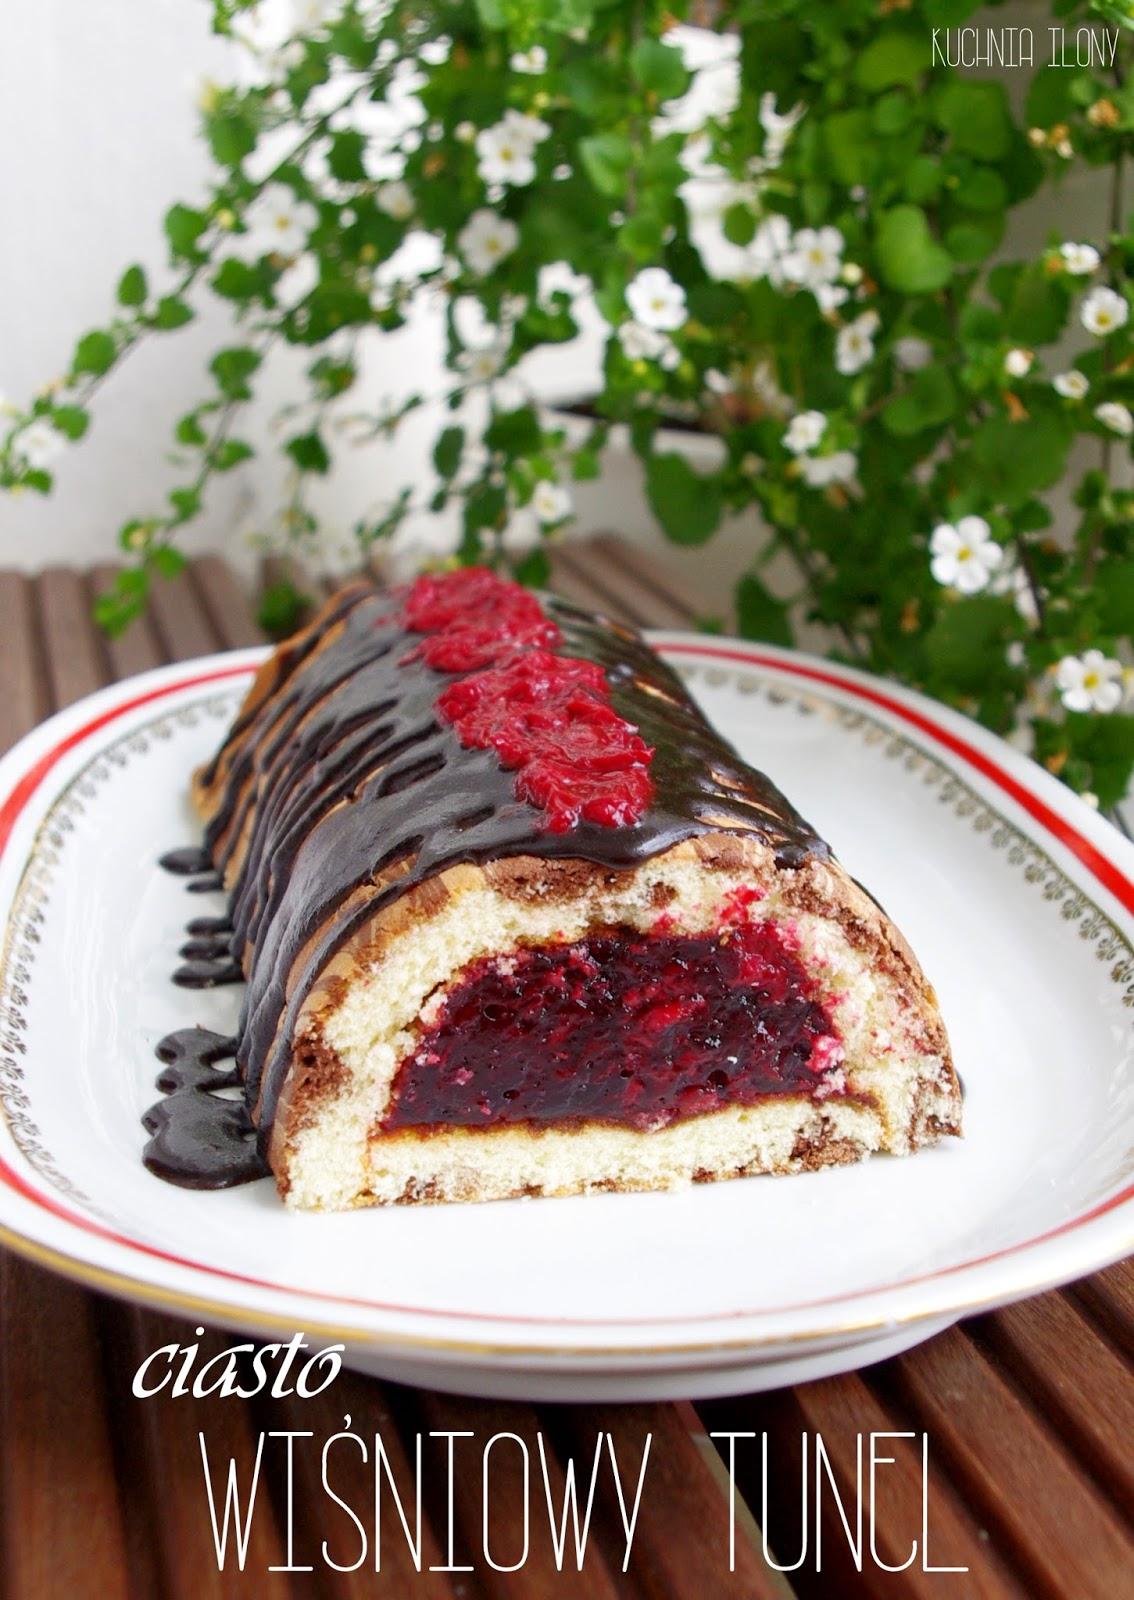 ciasto biszkoptowe, ciasto wiśniowy tunel. wiśnie, deser, biszkopt,